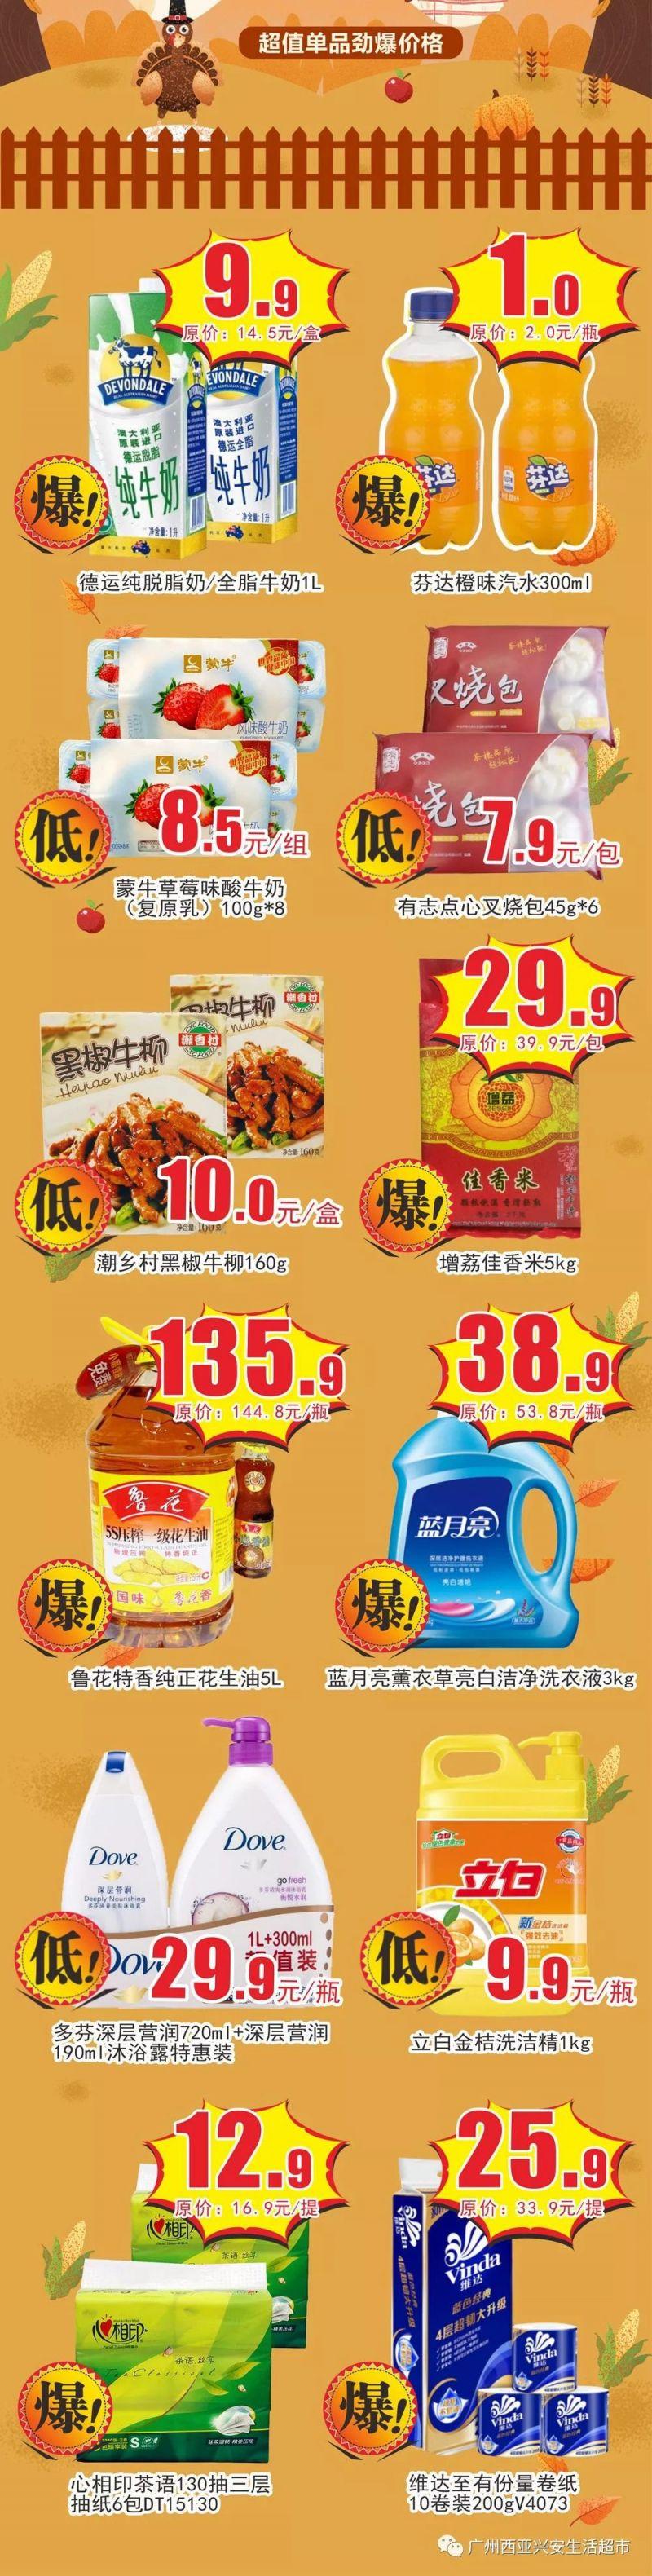 西亚兴安生活超市   感恩节回馈(11.24-30)